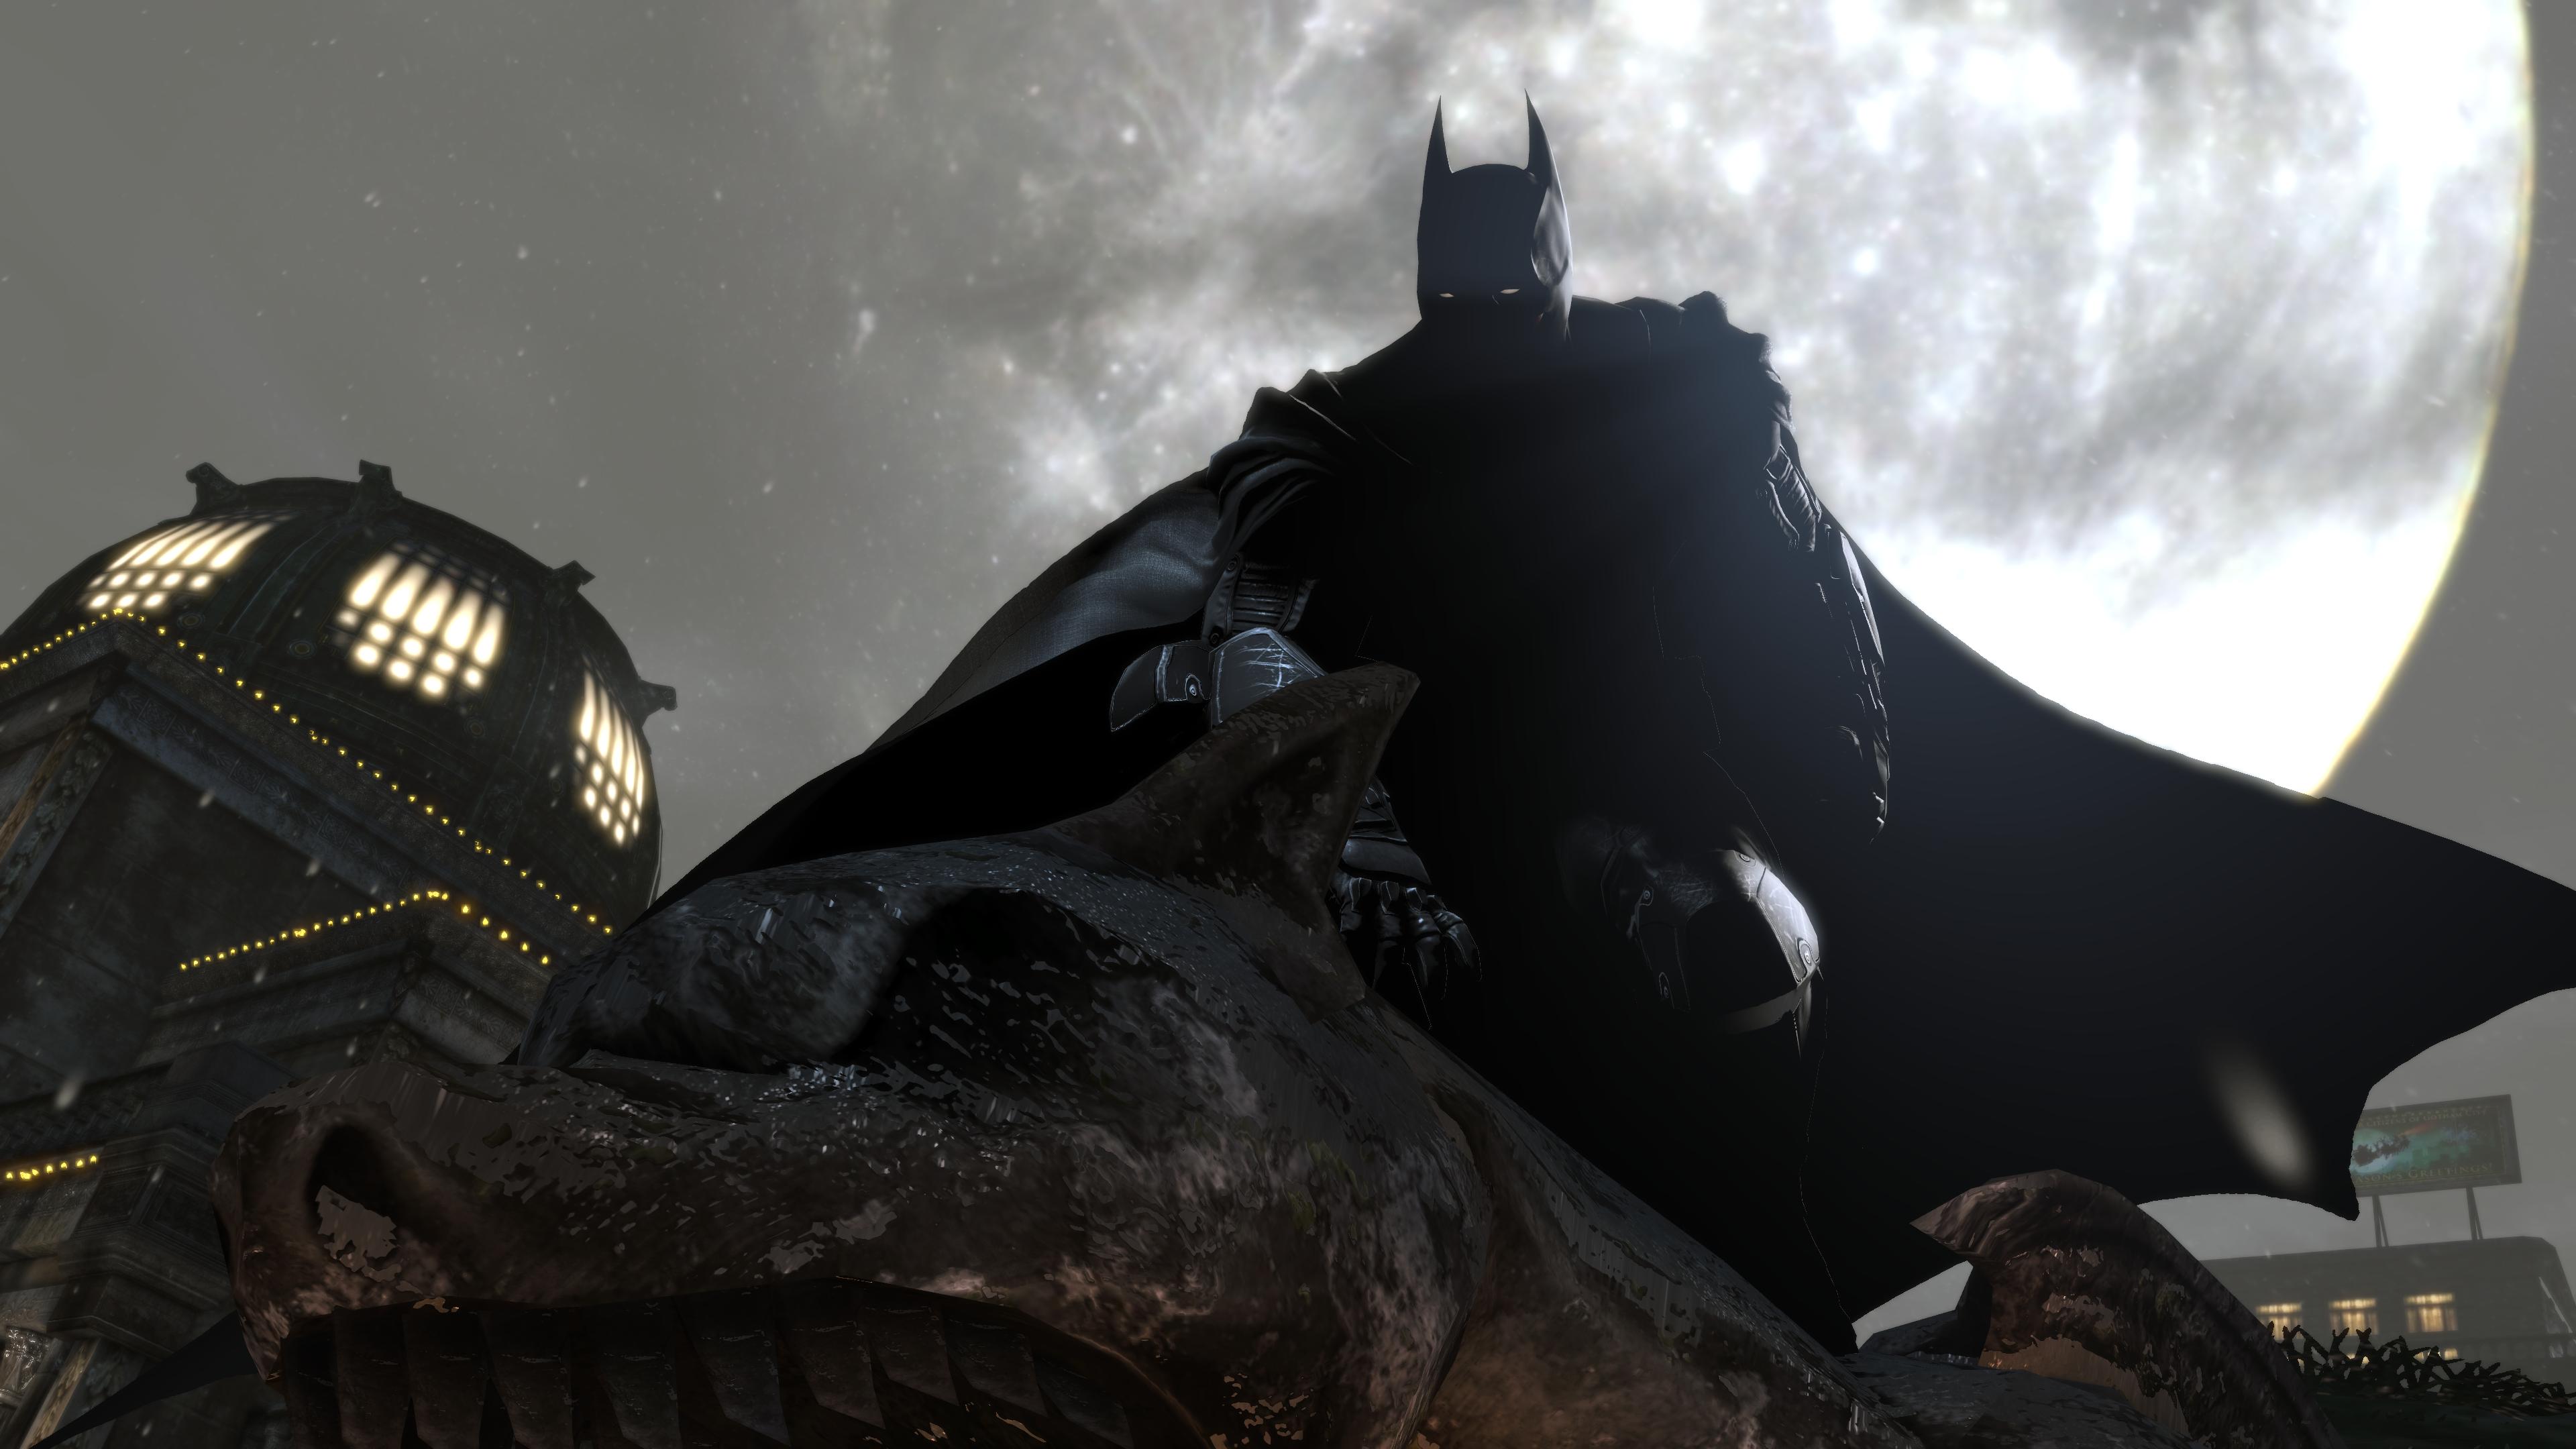 4K Batman Wallpaper - WallpaperSafari